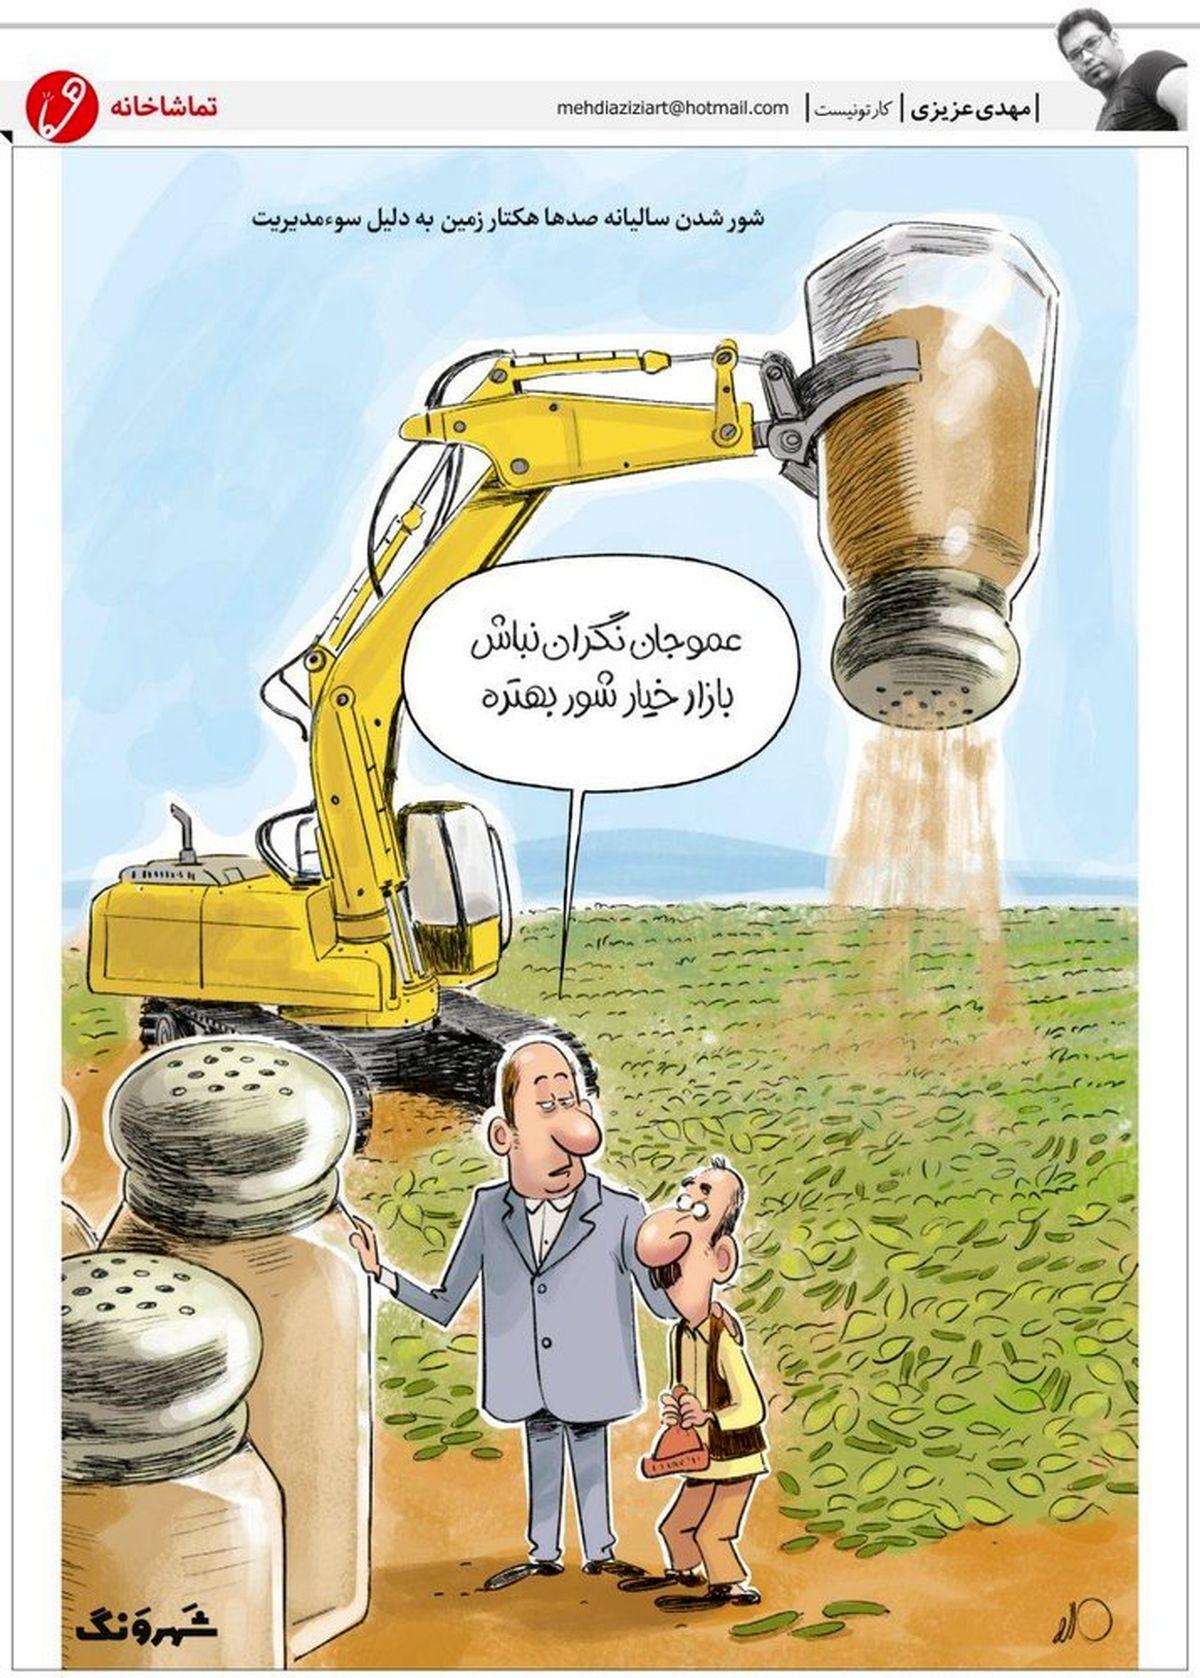 کشت خیارشور هم کلید خورد! (کاریکاتور)